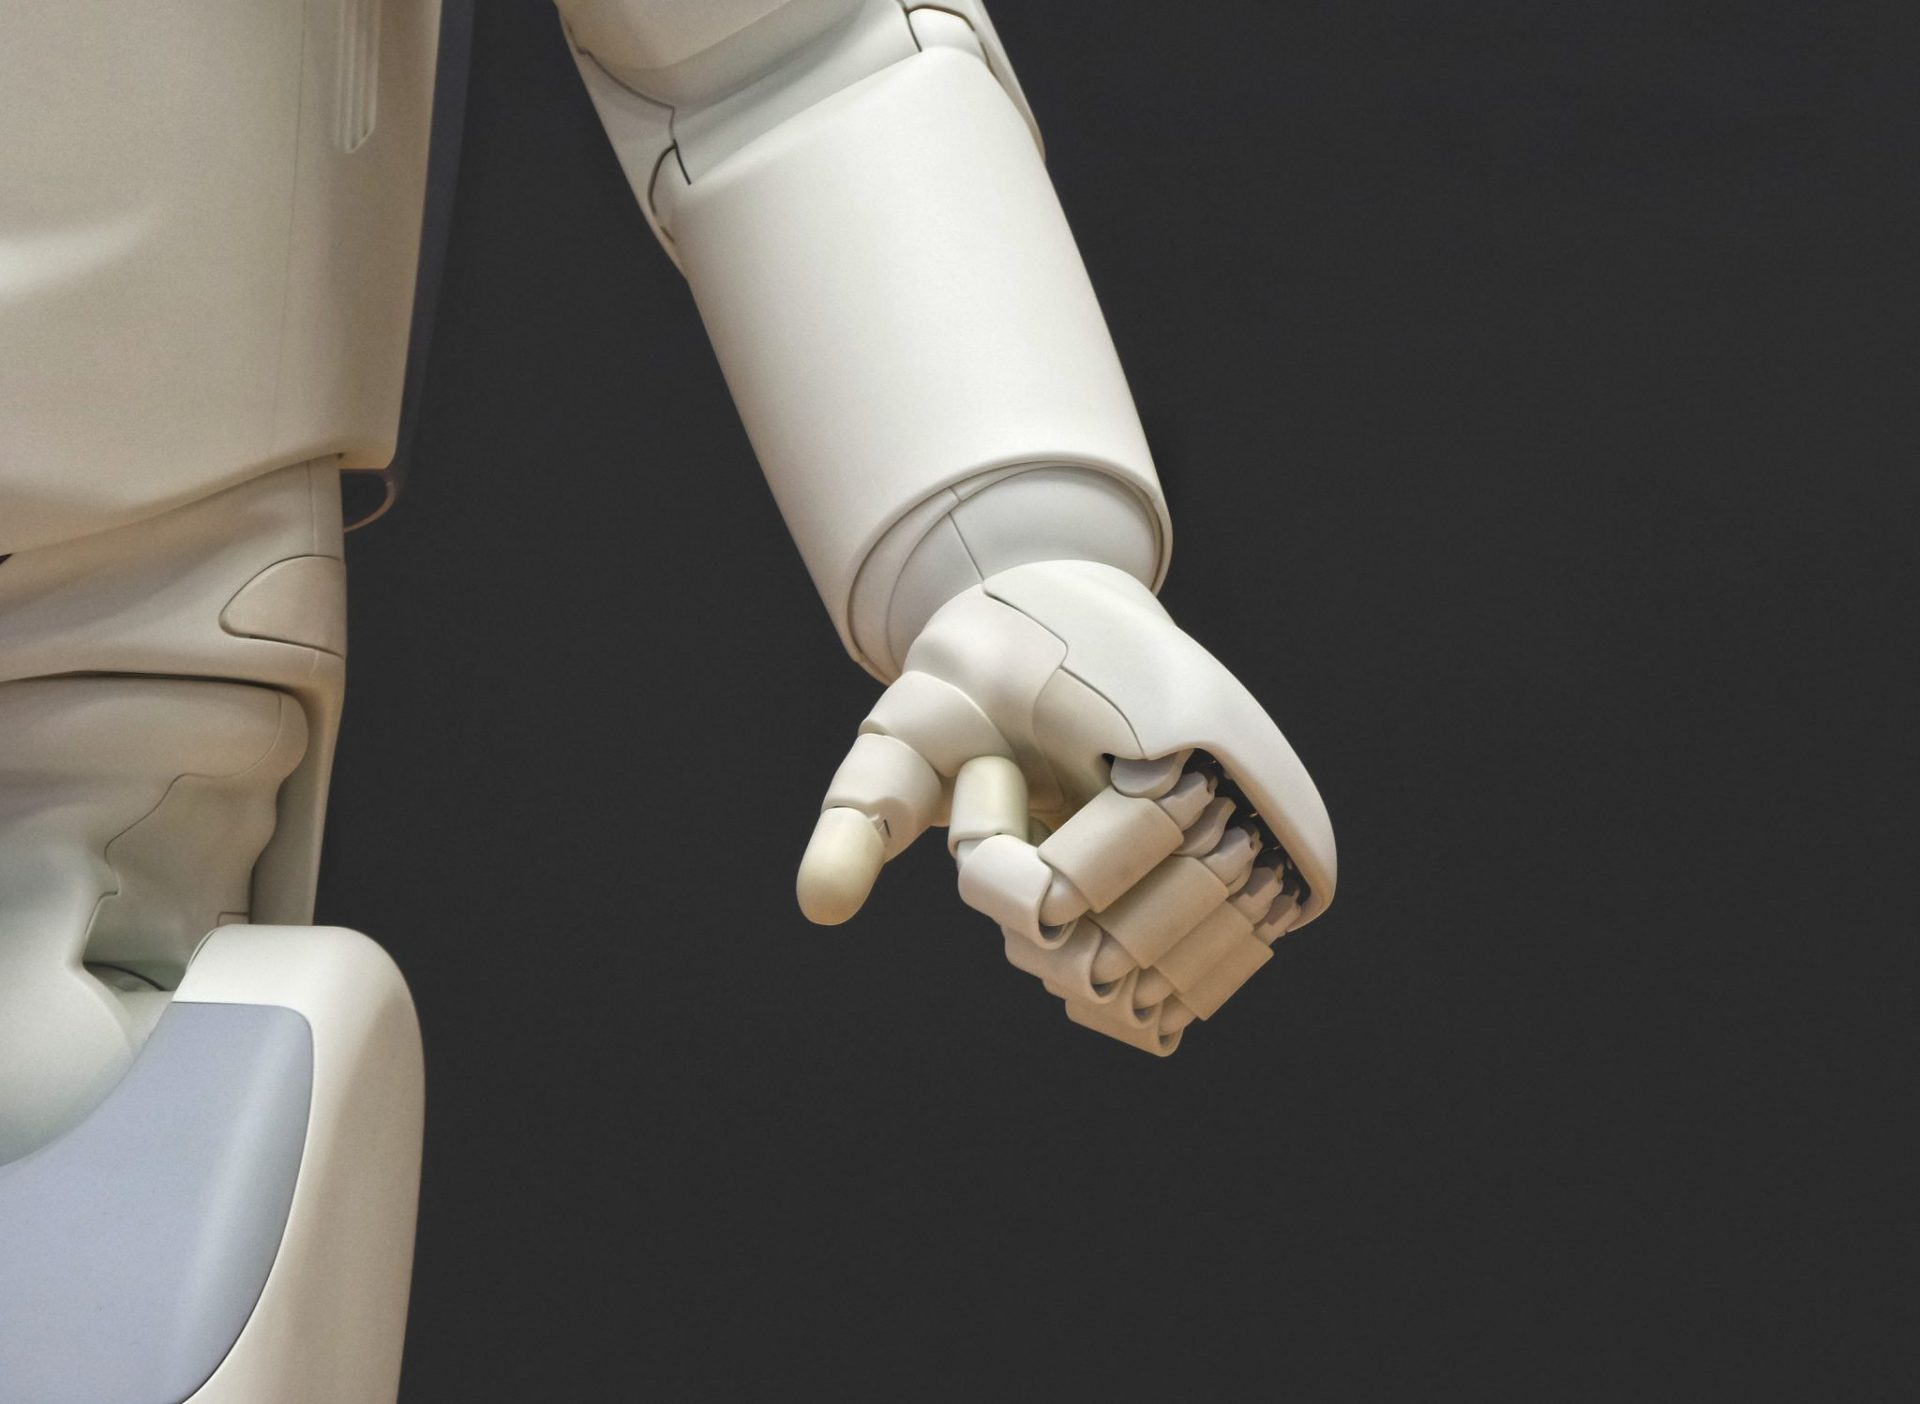 franck v 795965 unsplash 1 - Como a Inteligência Artificial está impactando a nossa vida